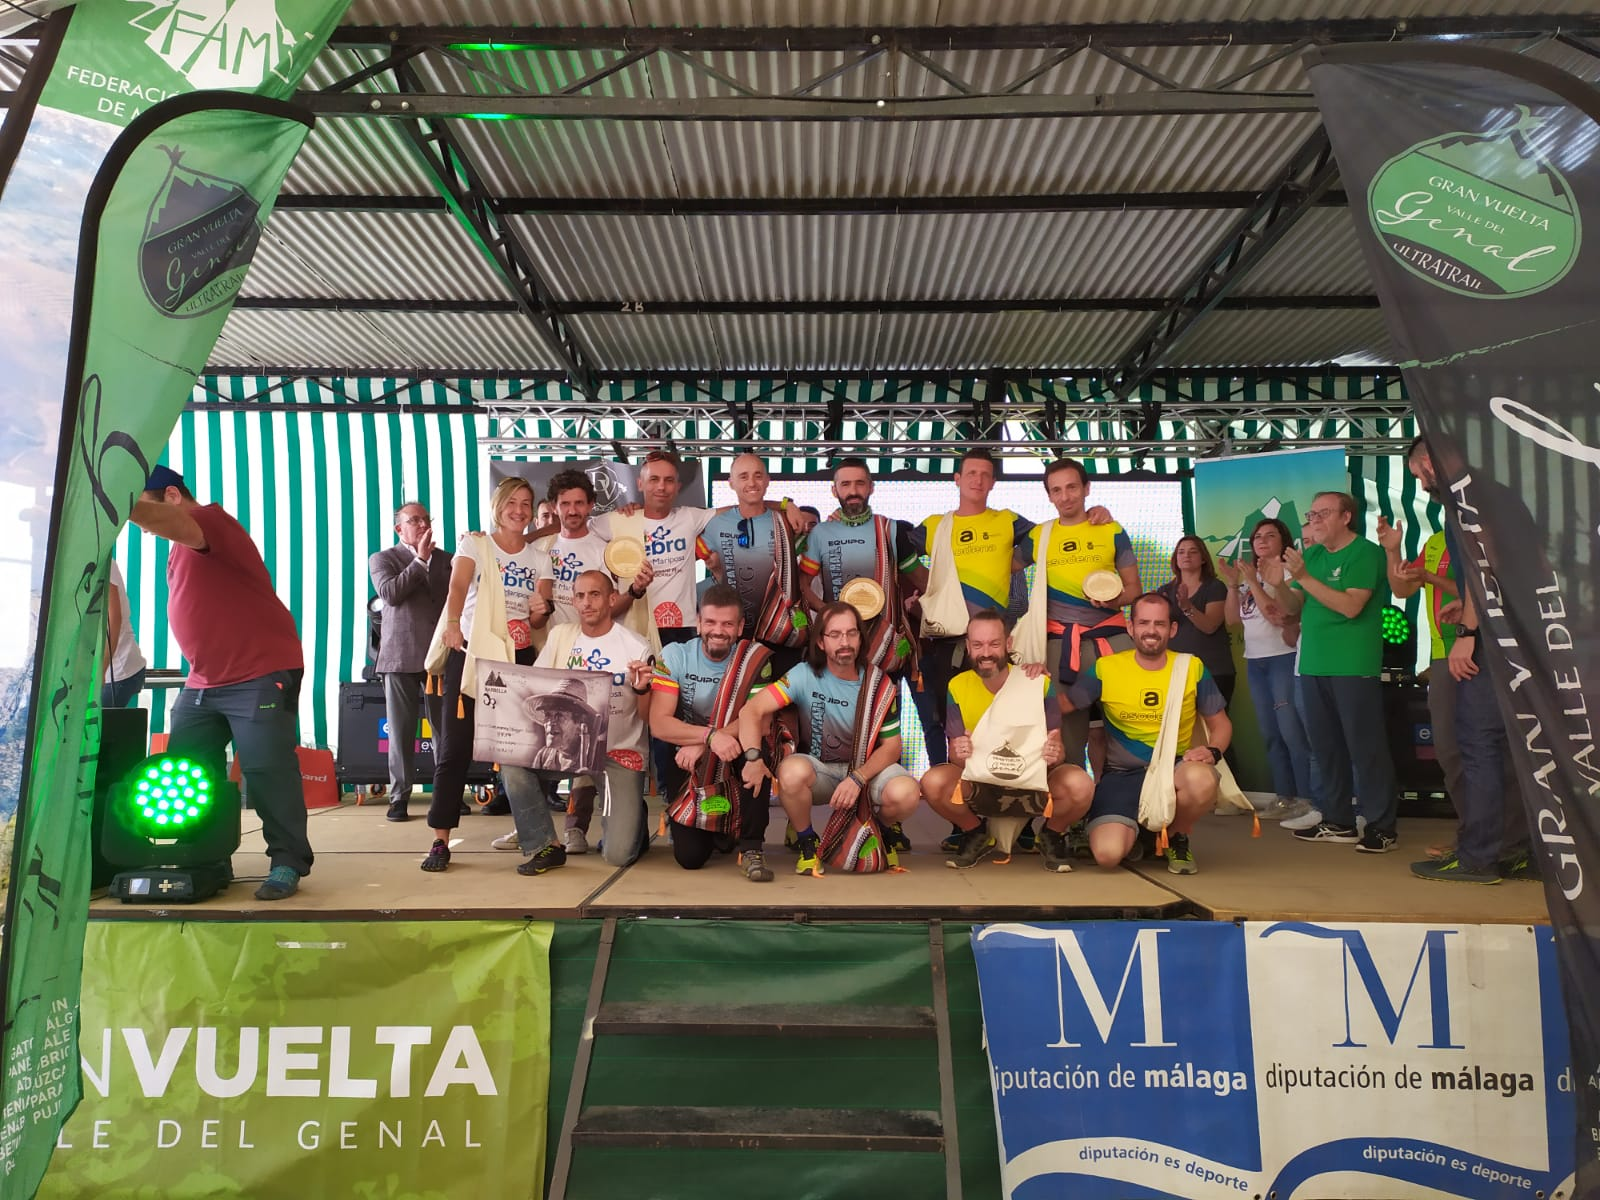 El CEM Sierra Blanca 'Etterkom', subcampeón por equipos en la Gran Vuelta al Valle del Genal 2019